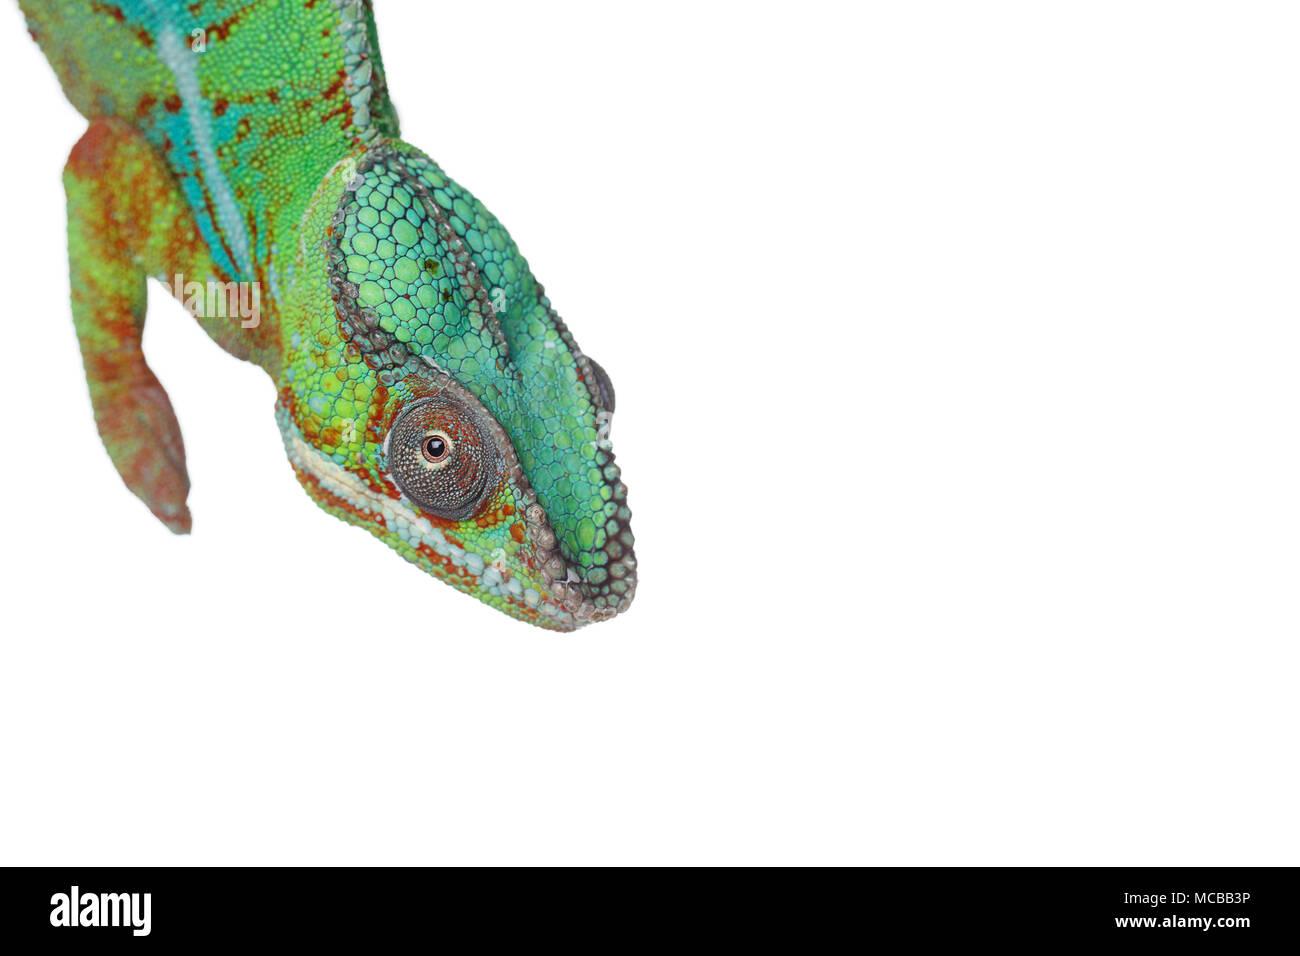 Lebendig chameleon Reptile auf weißem Hintergrund. studio Schuß über weißem Hintergrund. kopieren. Stockbild